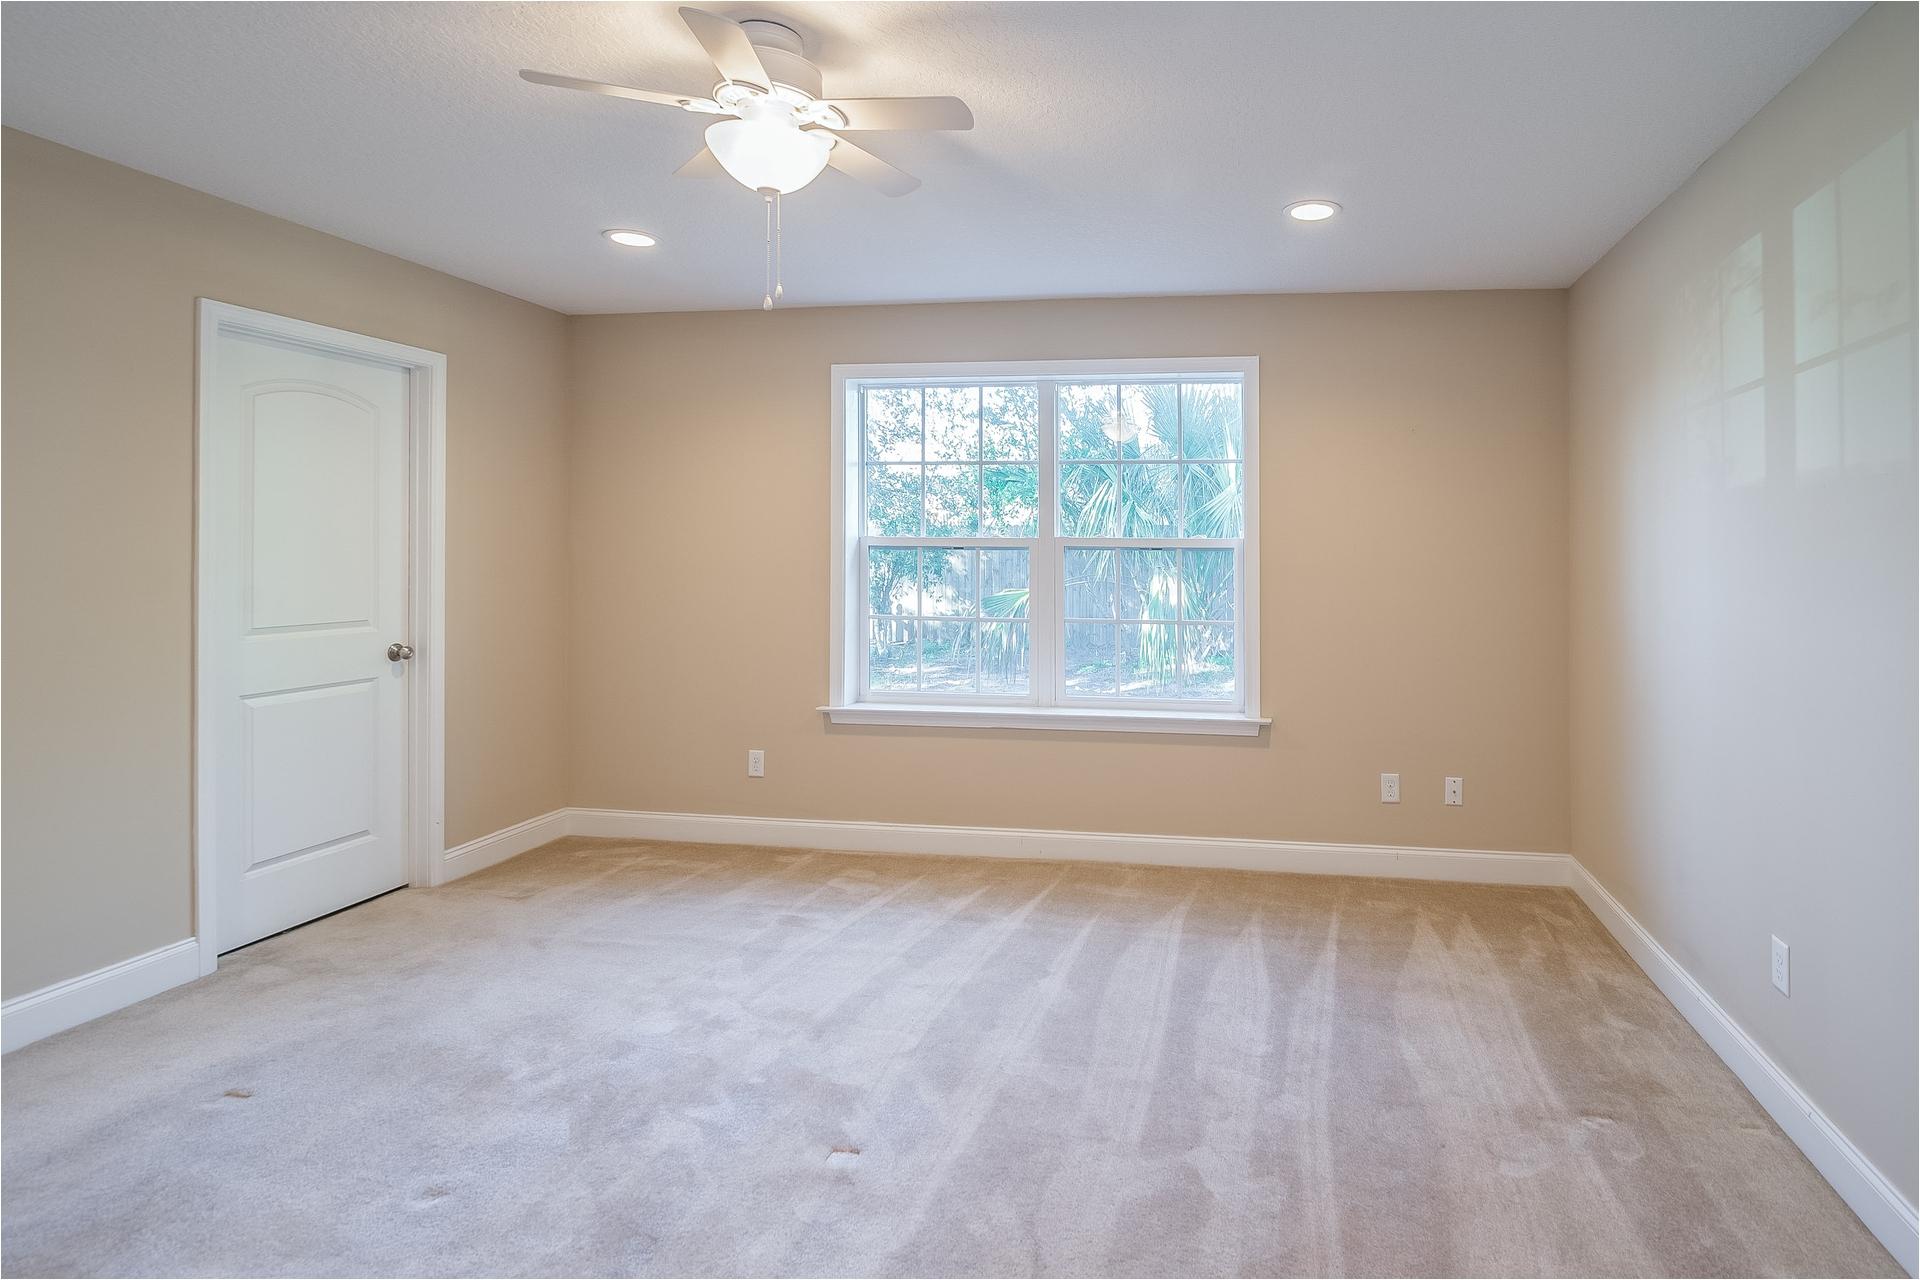 Flooring Stores Jacksonville Beach Fl Home for Rent 1305 13th Avenue N Jacksonville Beach Fl 32250 Pat